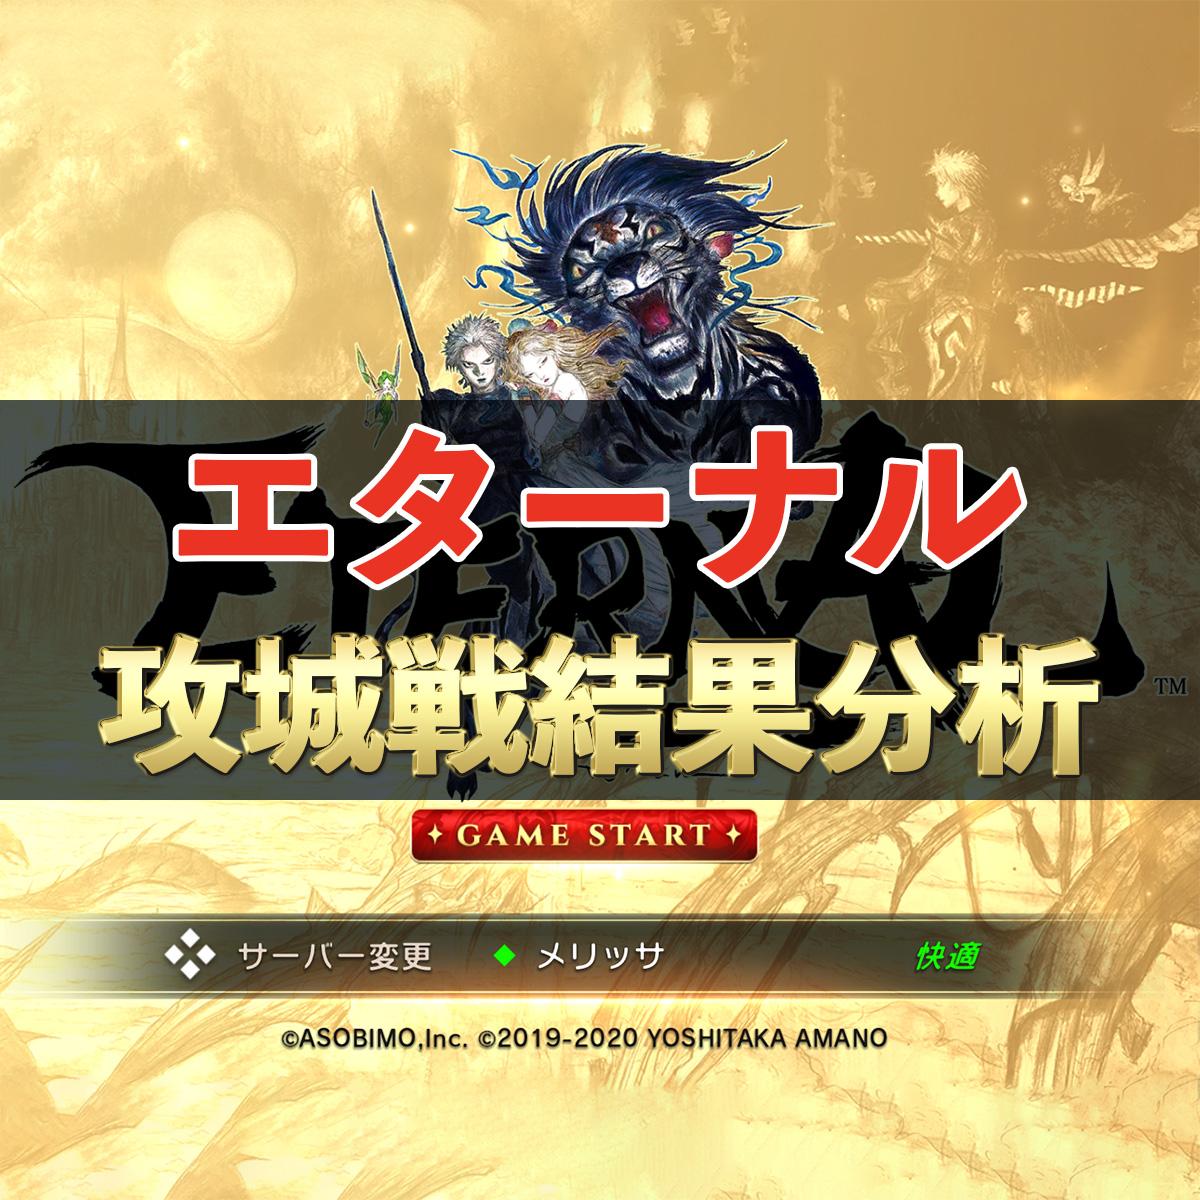 【エターナル】第五回攻城戦を終えて 攻城戦結果分析